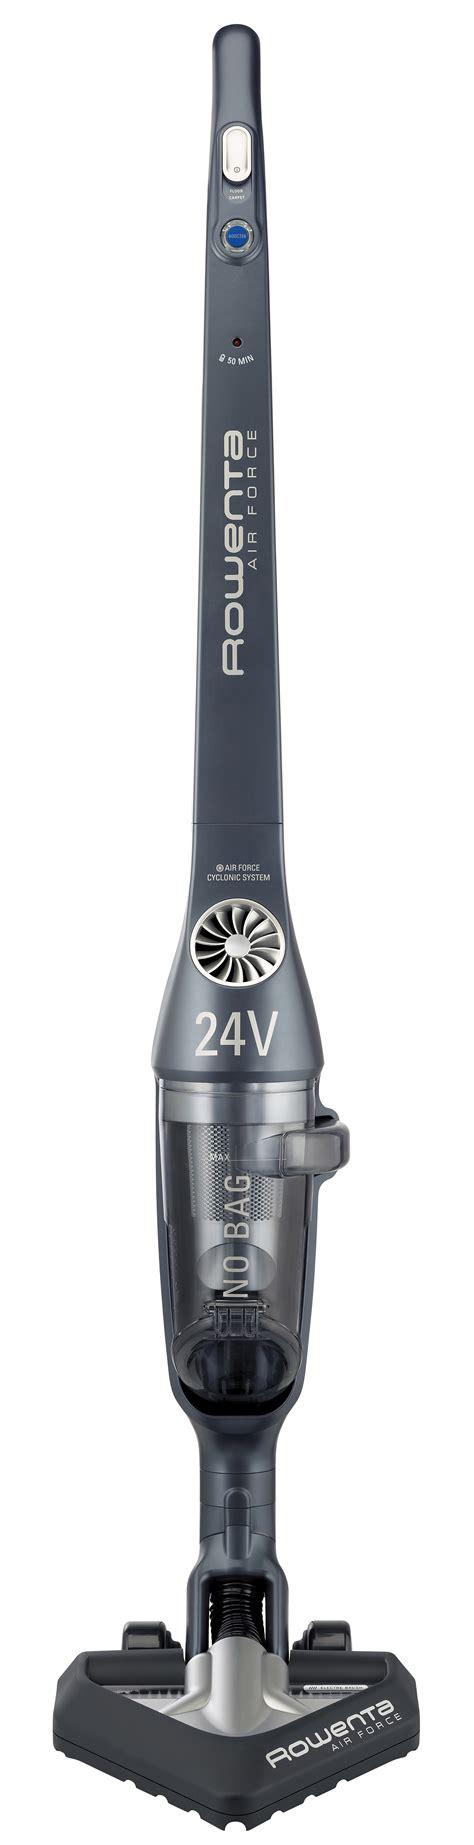 probamos la rowenta air all in one rowenta rh8565 air scopa elettrica ricaricabile